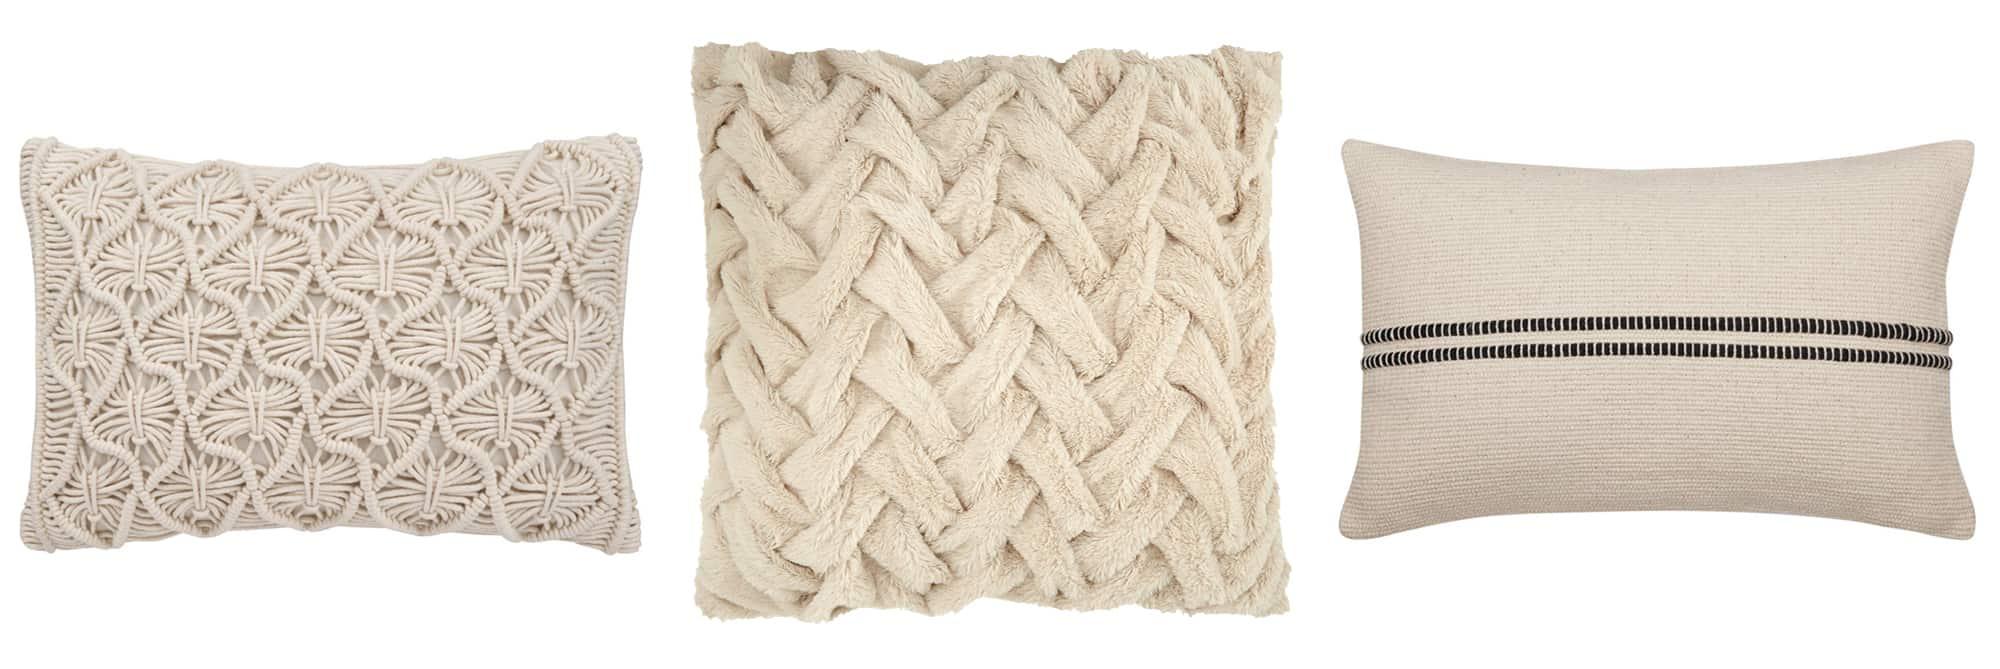 boho farmhouse style throw pillows